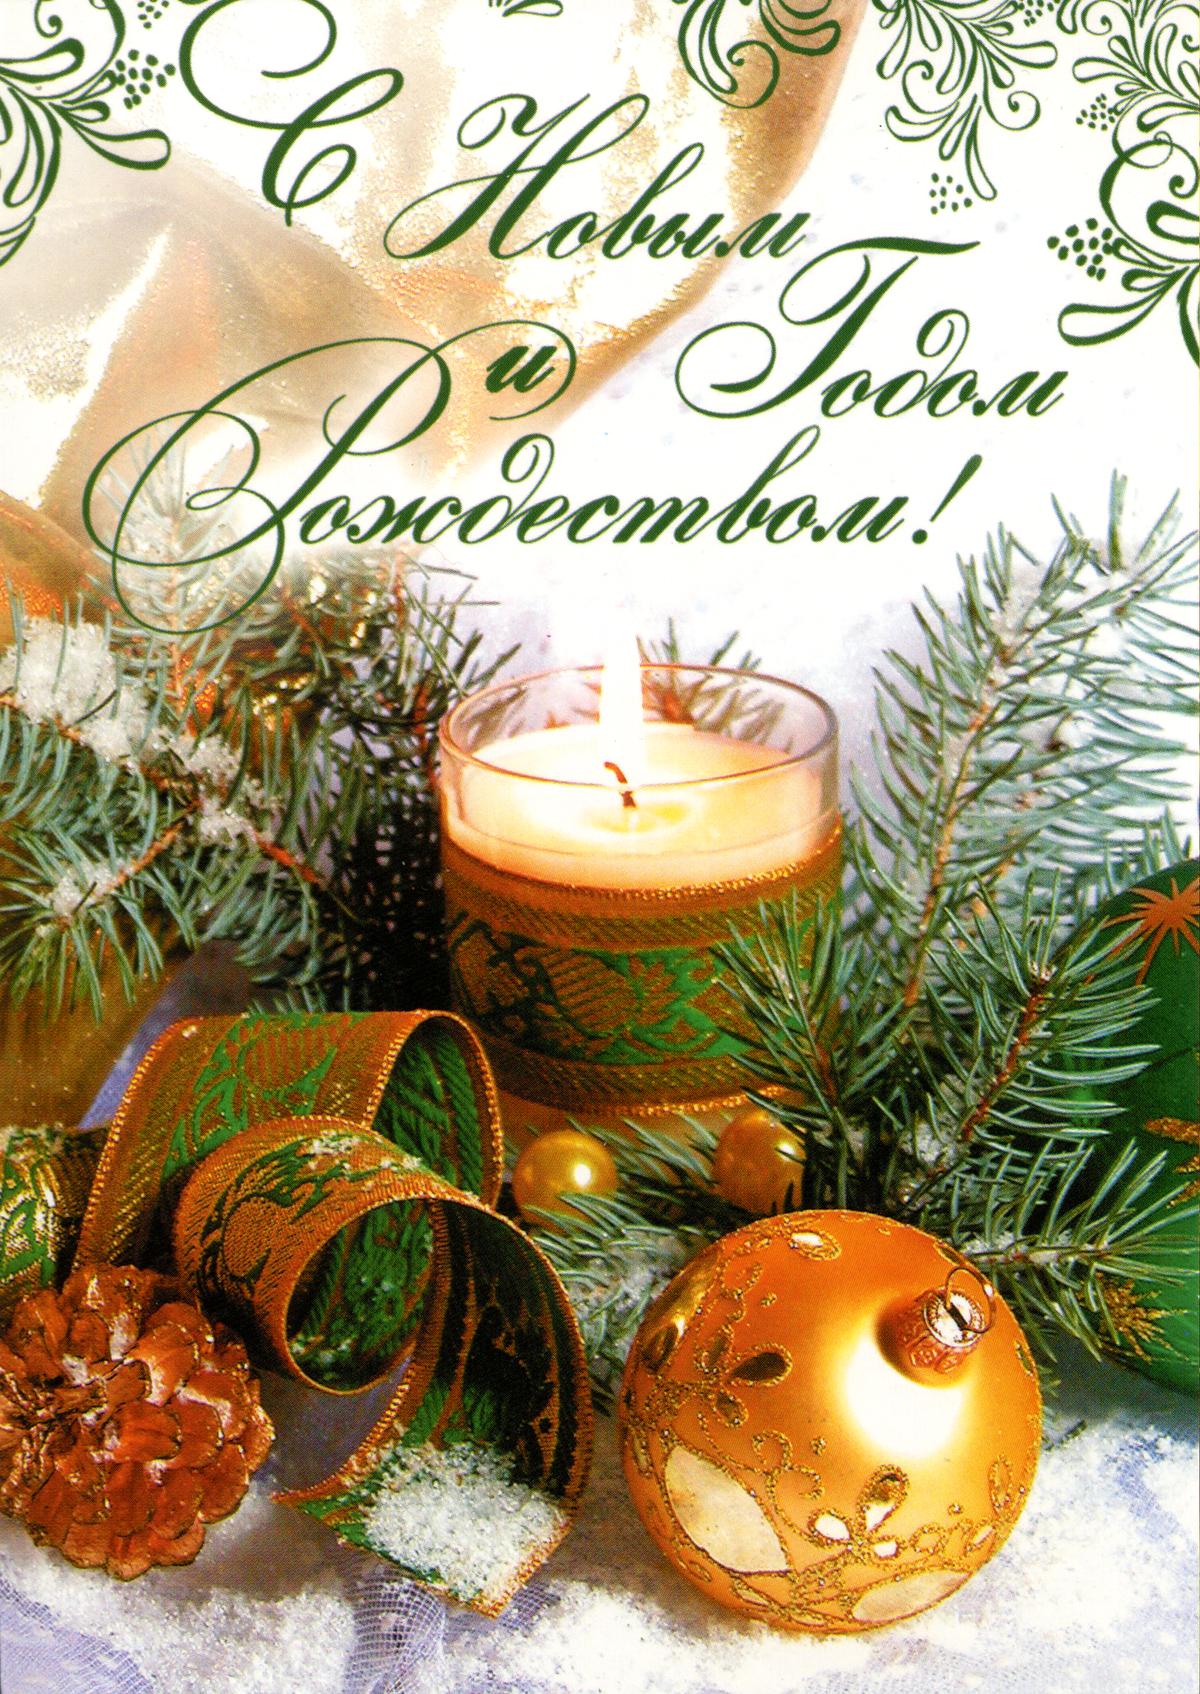 Новогодние праздничные картинки с надписью с новым годом